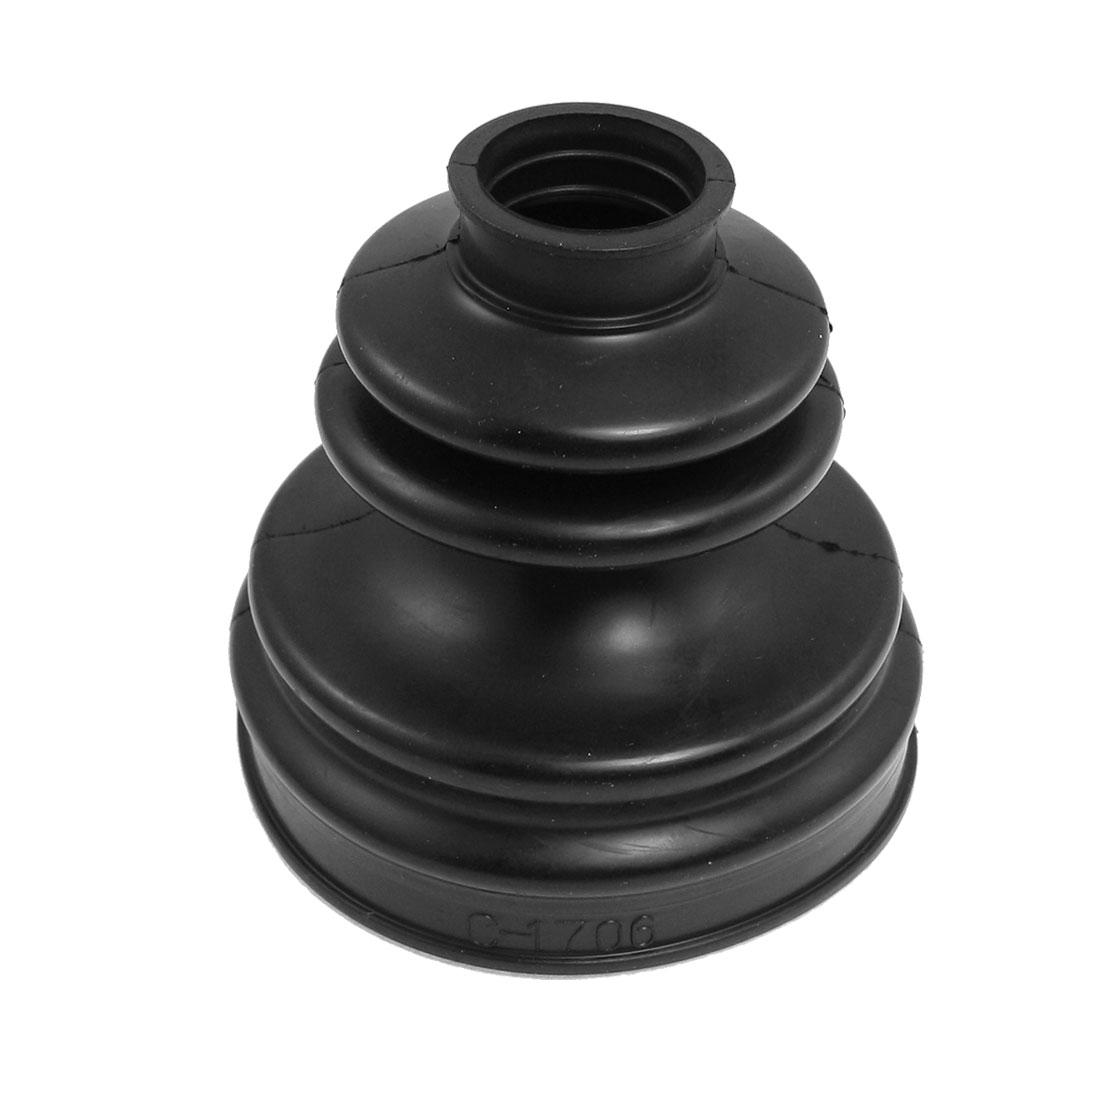 Essieu intérieur caoutchouc noir CV Joint cAChe-poussière amorçage pour Audi A6